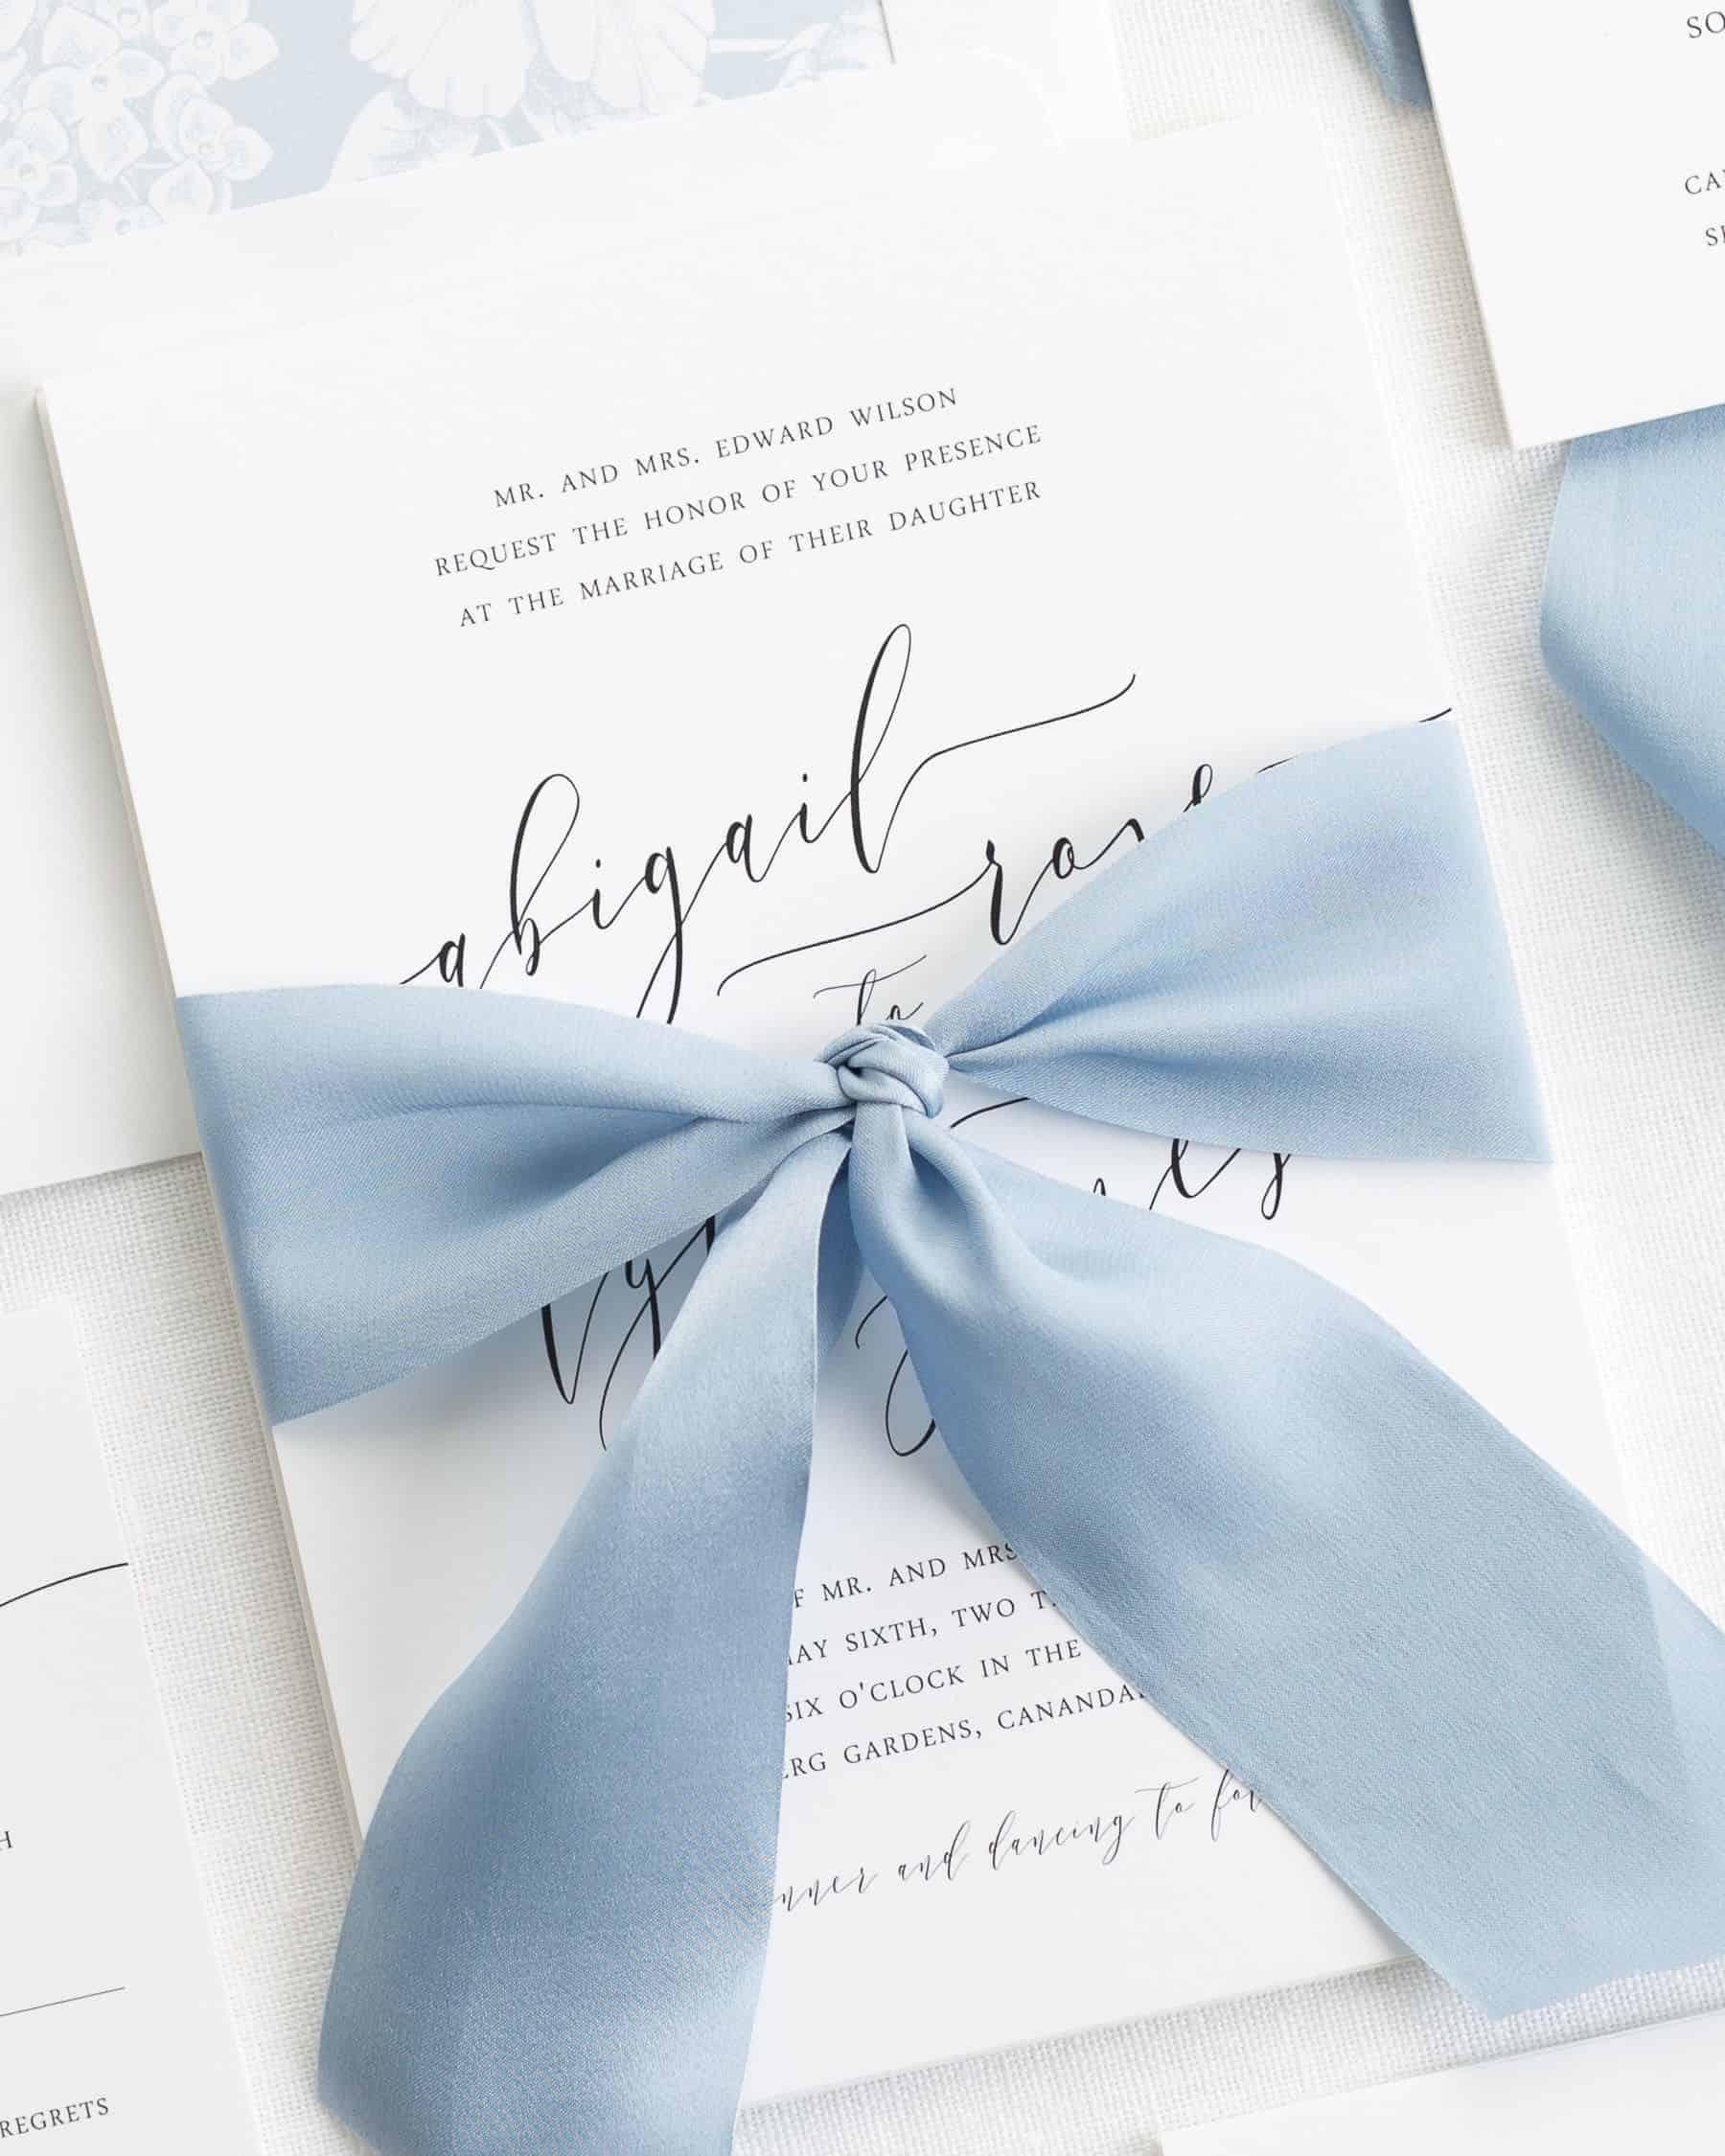 wedding invitation with a dusty blue ribbon